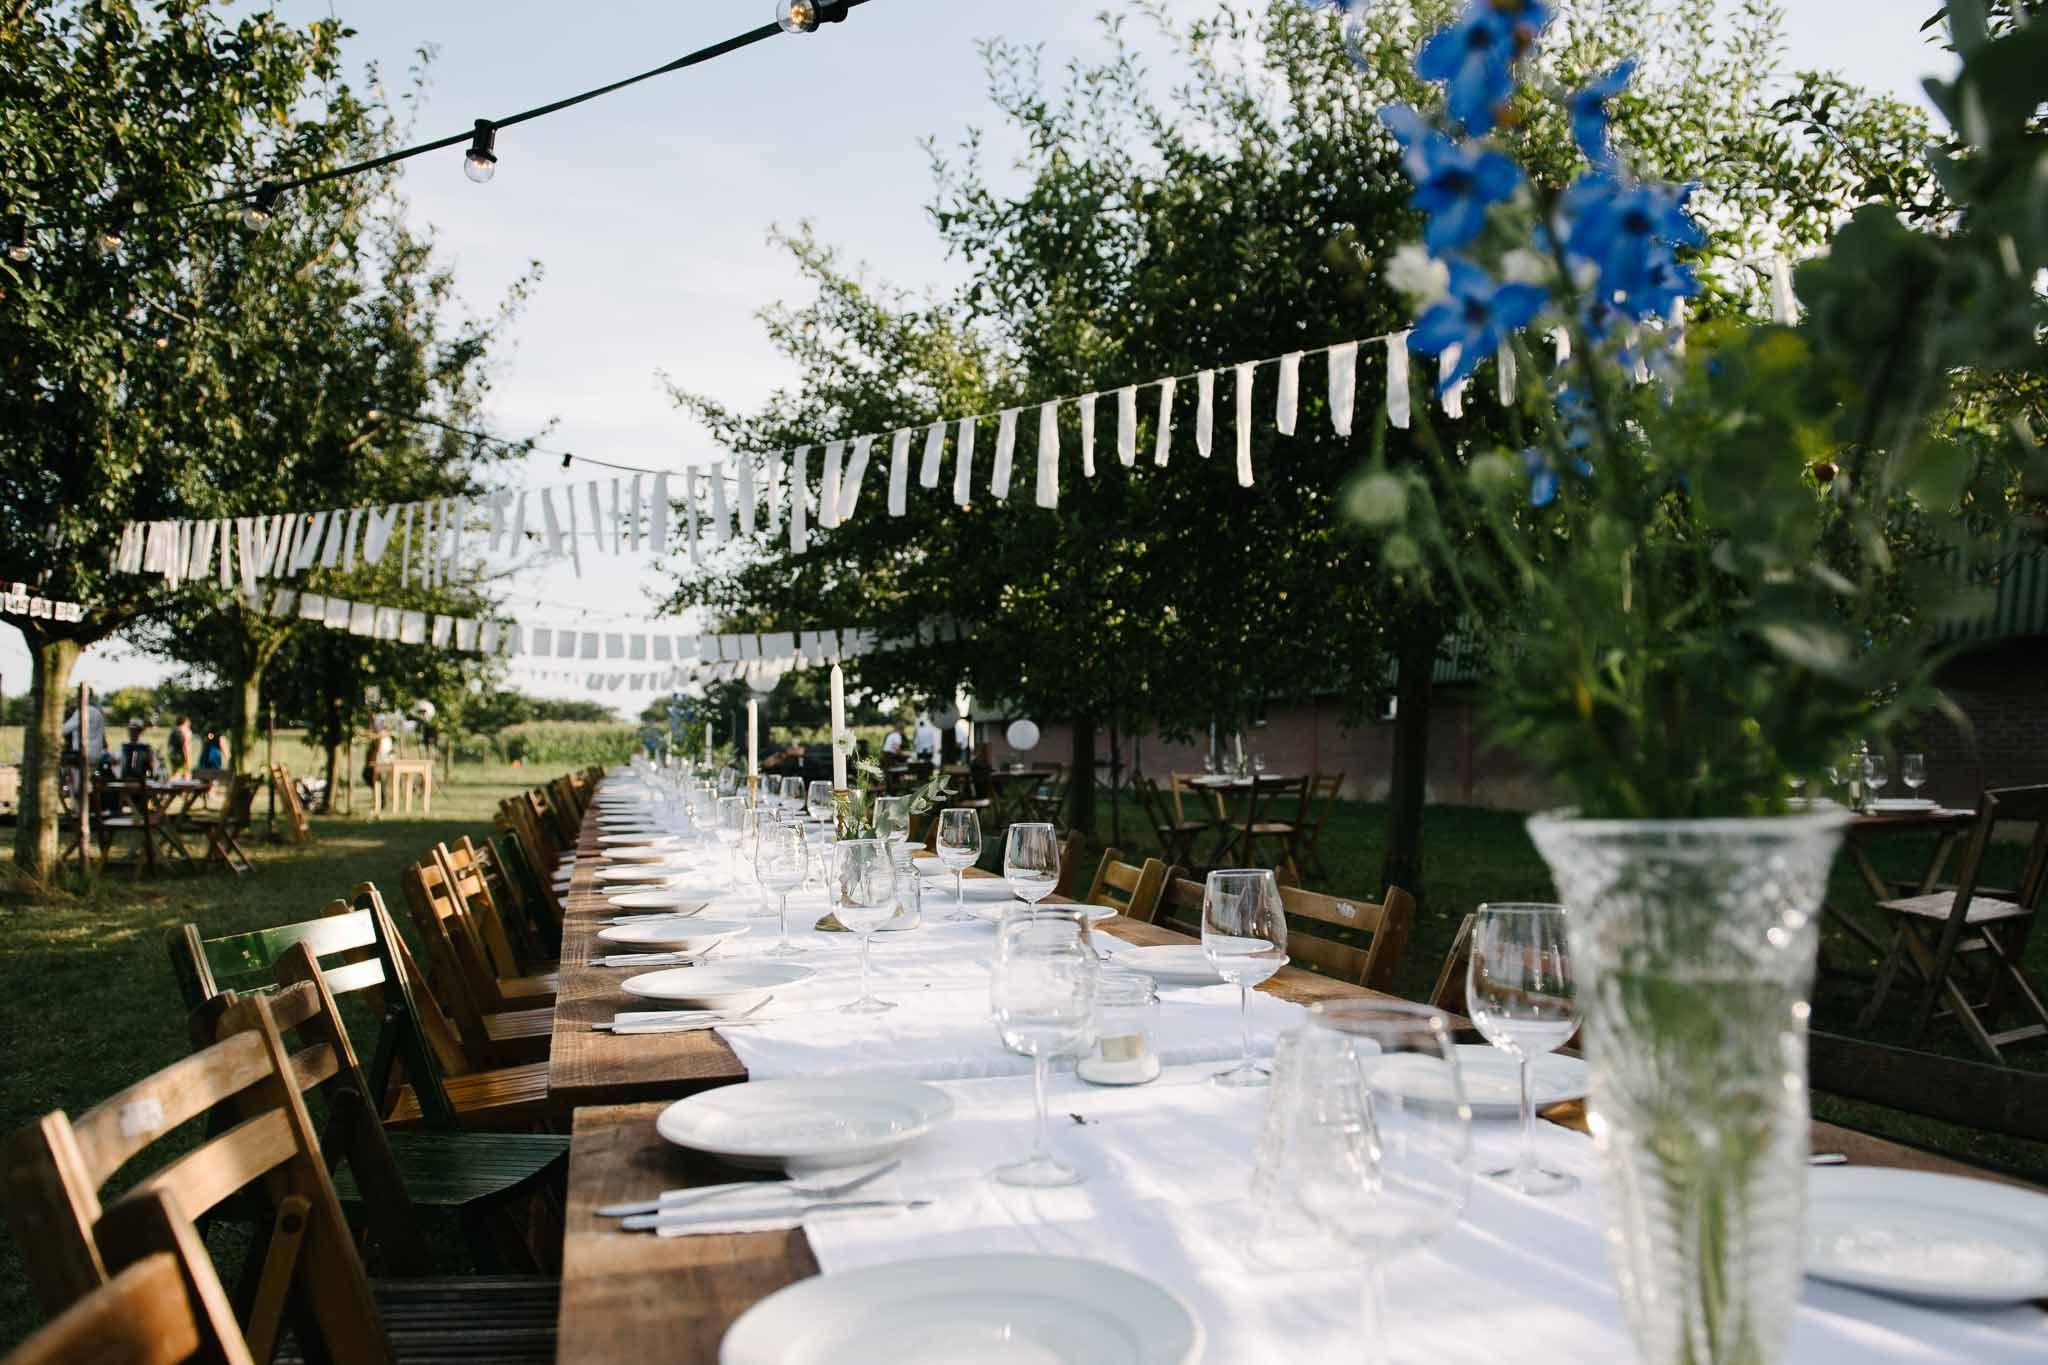 Eten Buiten Lange Tafels Bruiloft Italiaanse Stijl Tafeldecoratie Italiaanse Bruiloft Tafeldecoratie Bruiloft Bruiloft